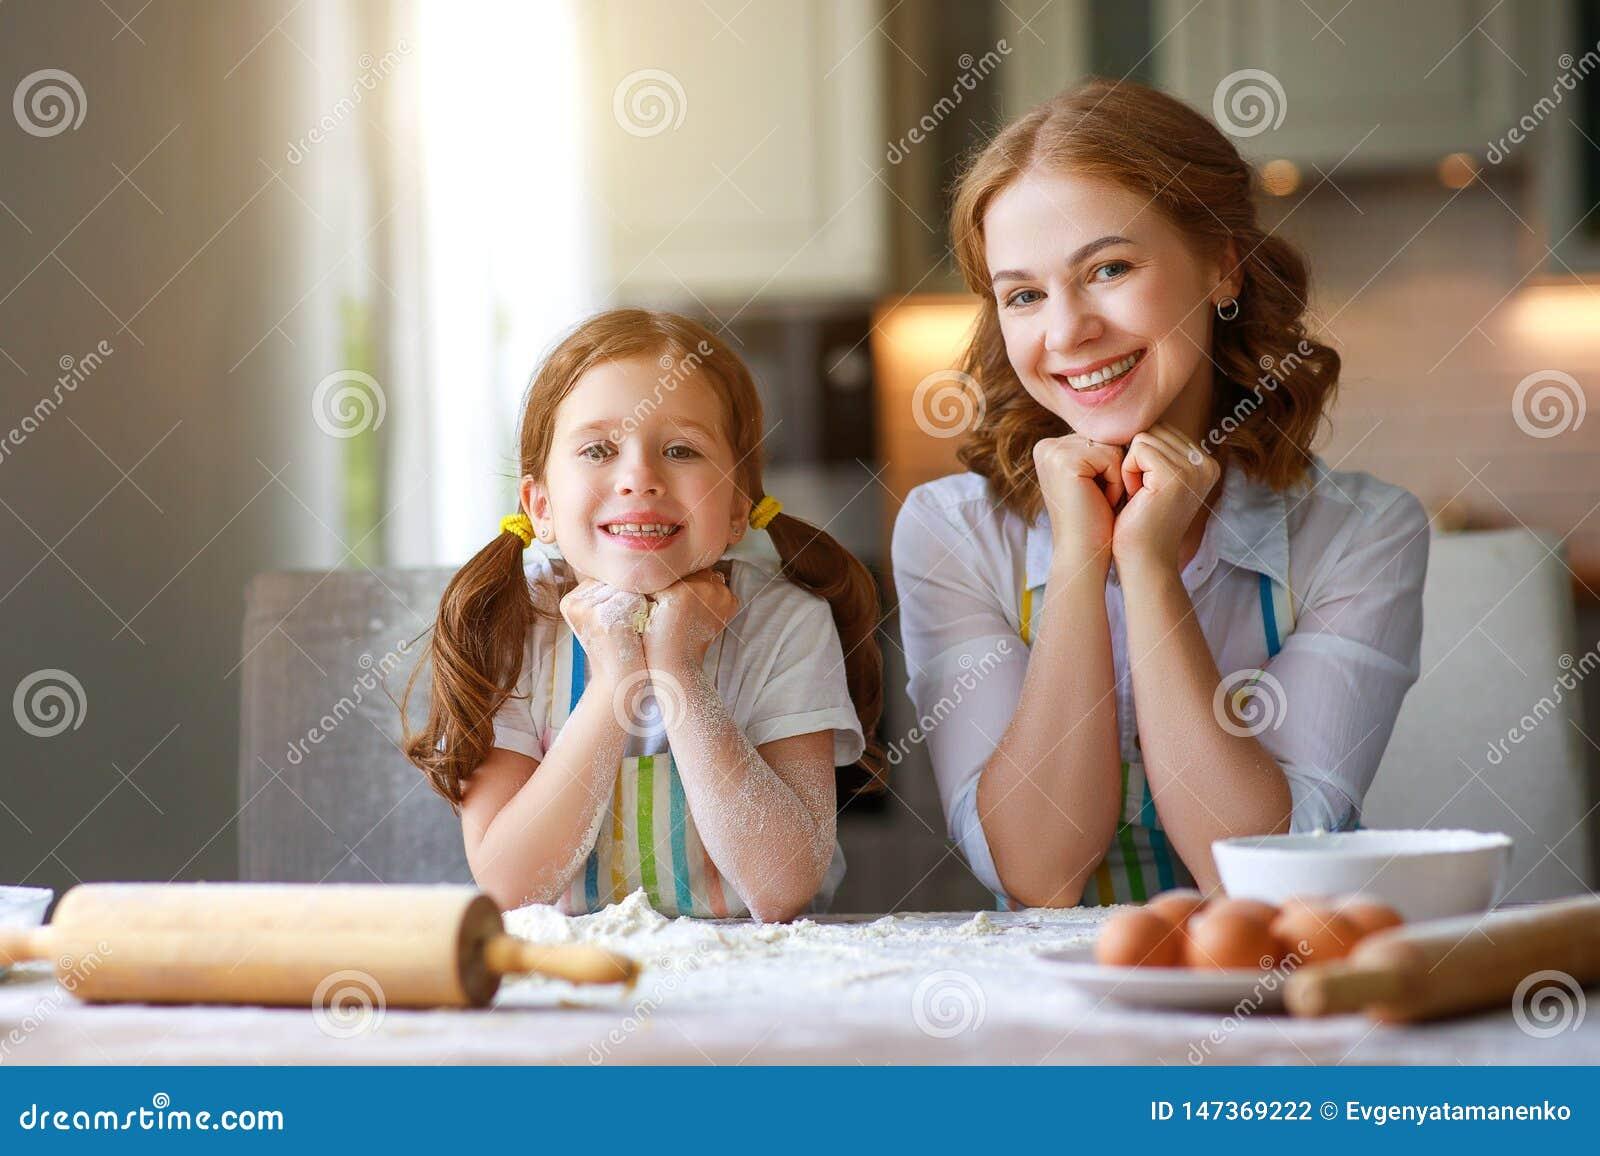 Gelukkige Familie in Keuken Moeder en kindbakselkoekjes